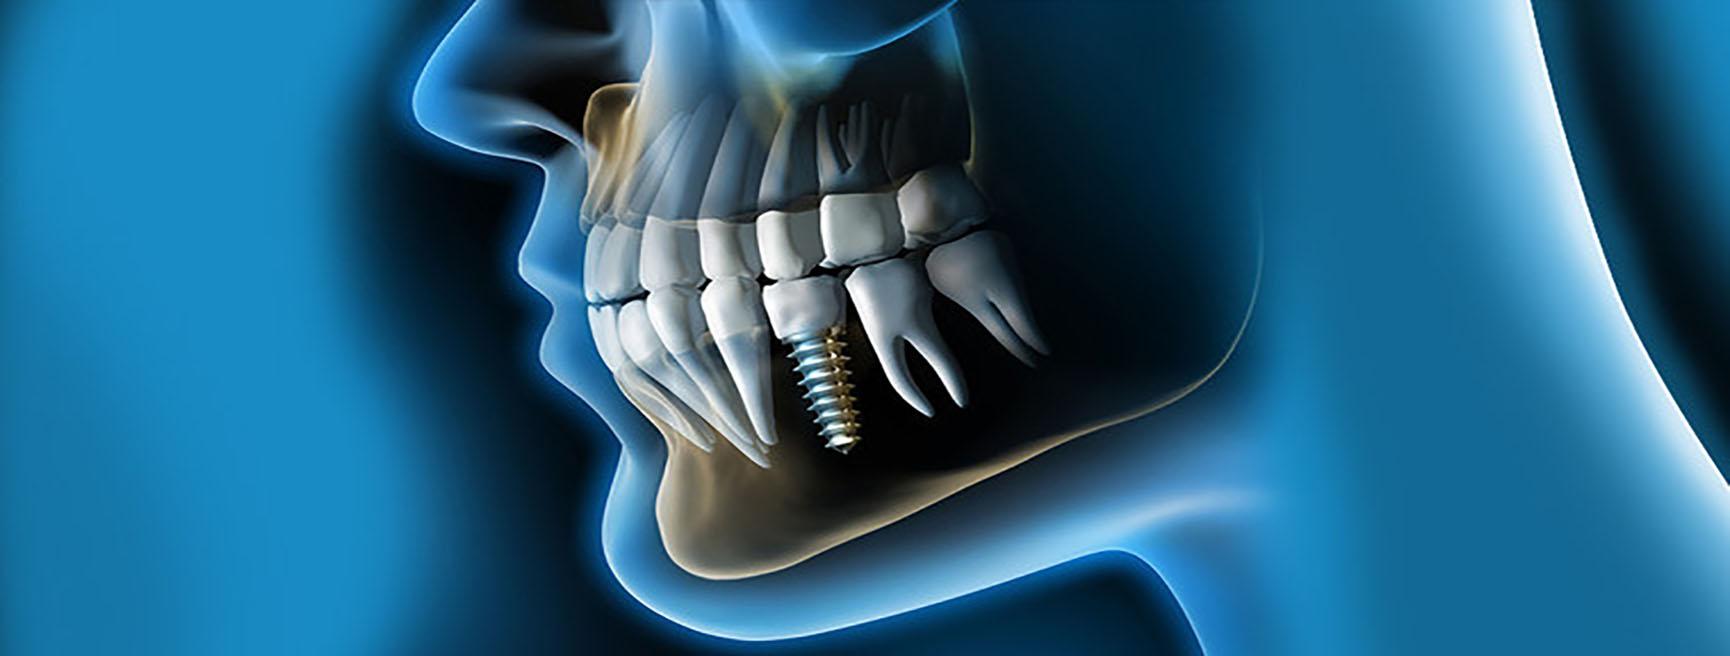 Impianti Studio Dentistico Dott.ssa Sonia La Volpe Roma Parioli